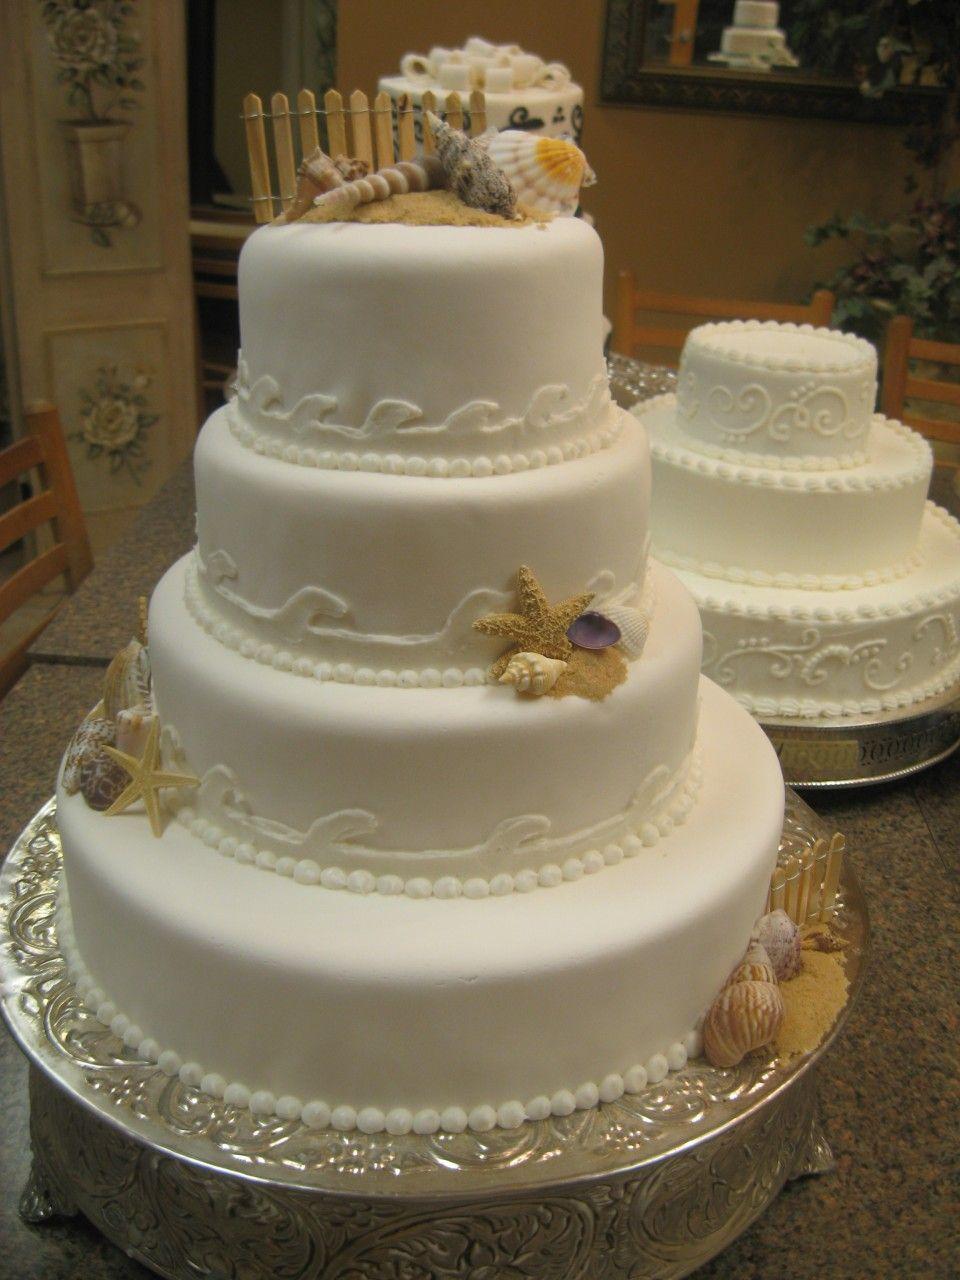 Wedding Cake By Pranzi Catering In Providence RI